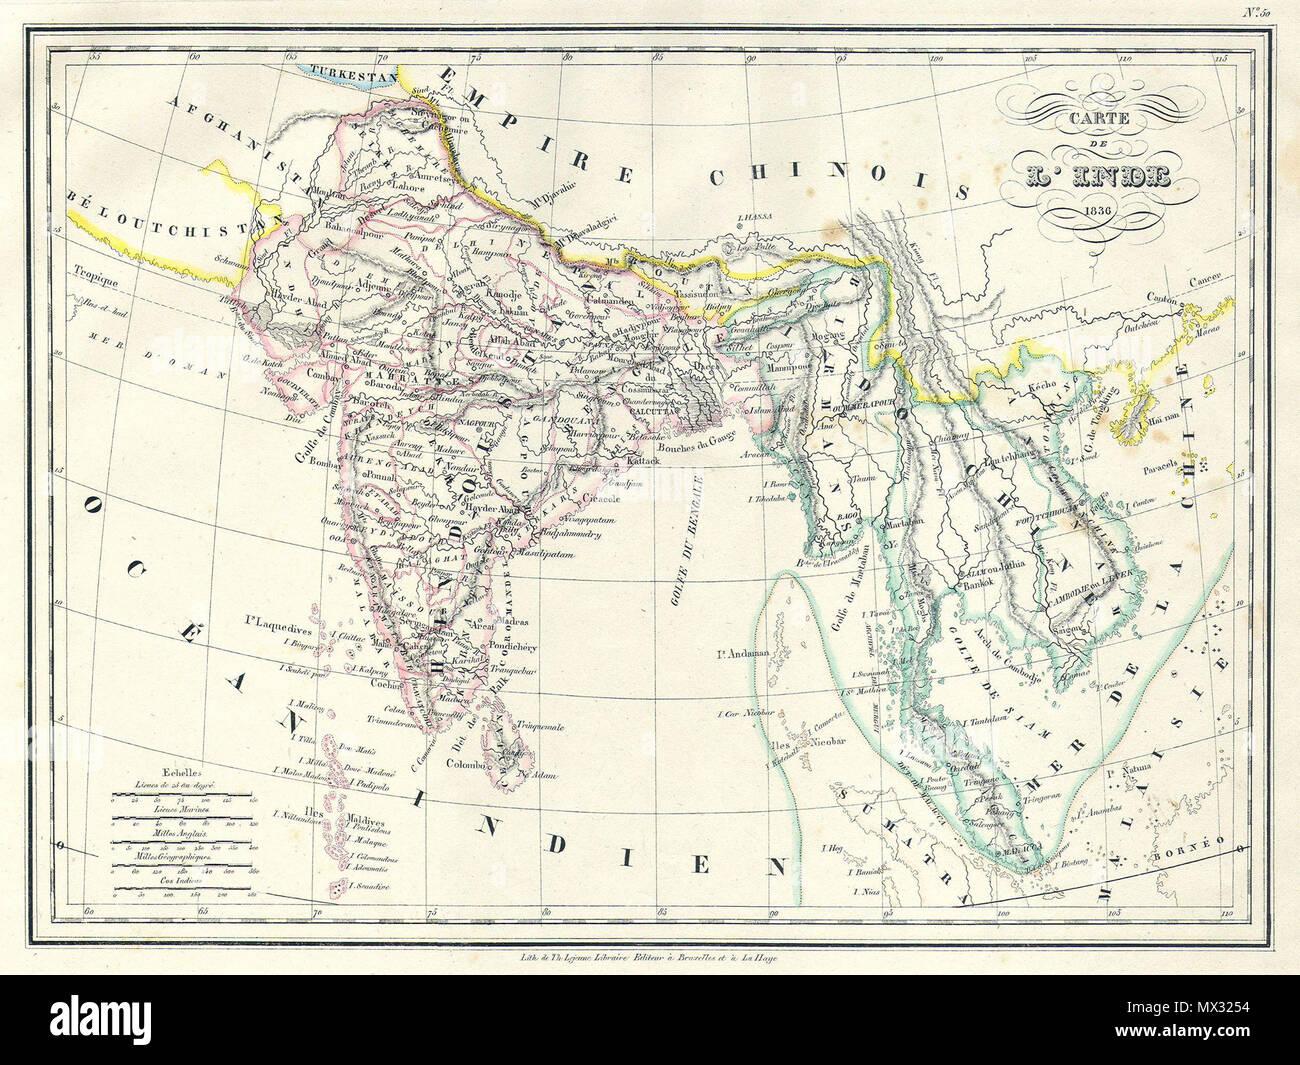 India Bangladesh Map Stock Photos  U0026 India Bangladesh Map